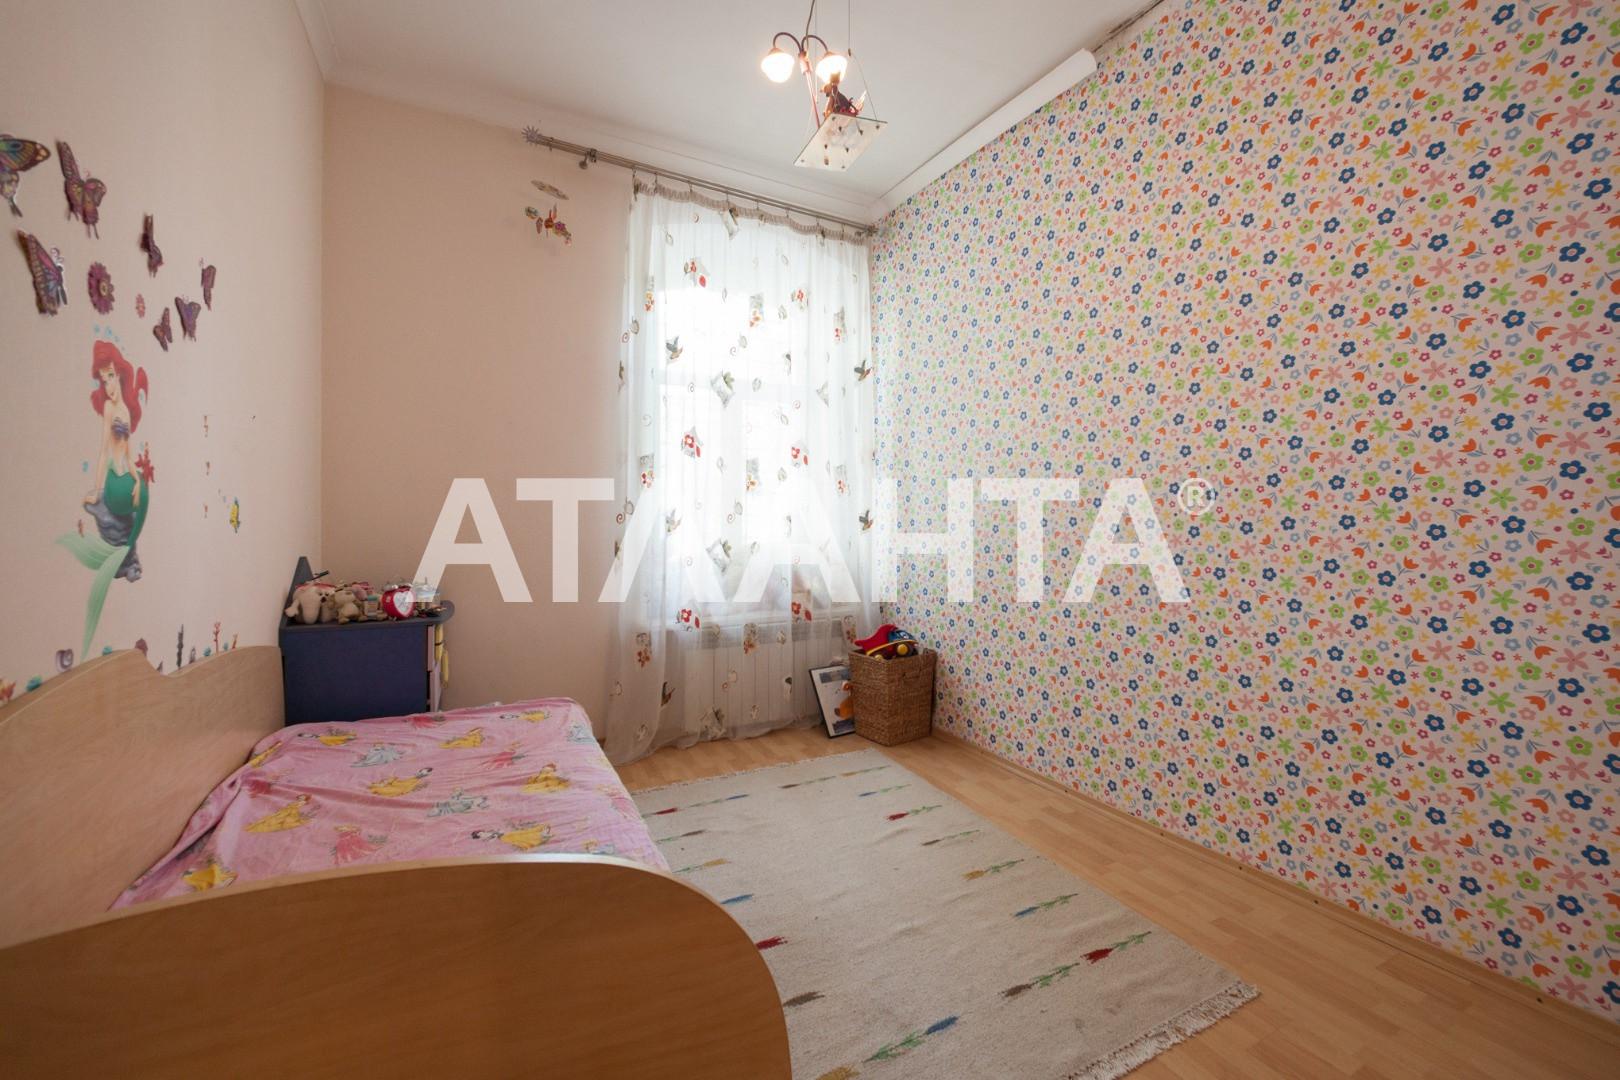 Продается 3-комнатная Квартира на ул. Военный Сп. (Жанны Лябурб Сп.) — 95 000 у.е. (фото №13)